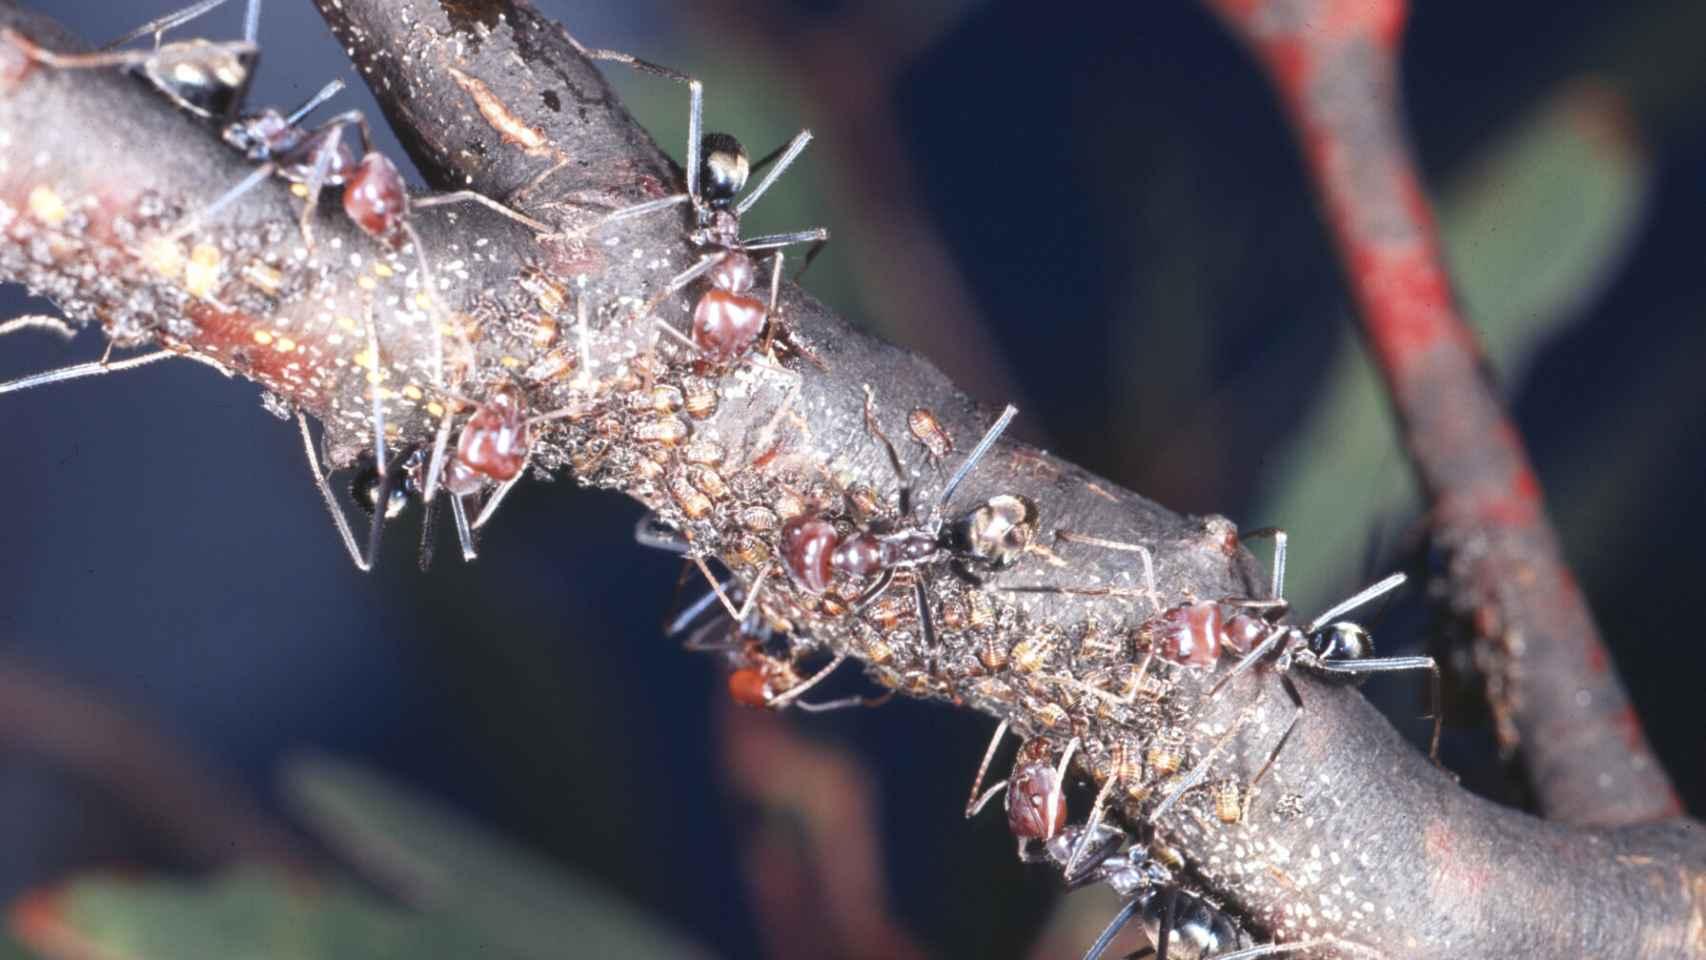 Estos pequeños insectos sociales tienen mucho que enseñarnos.